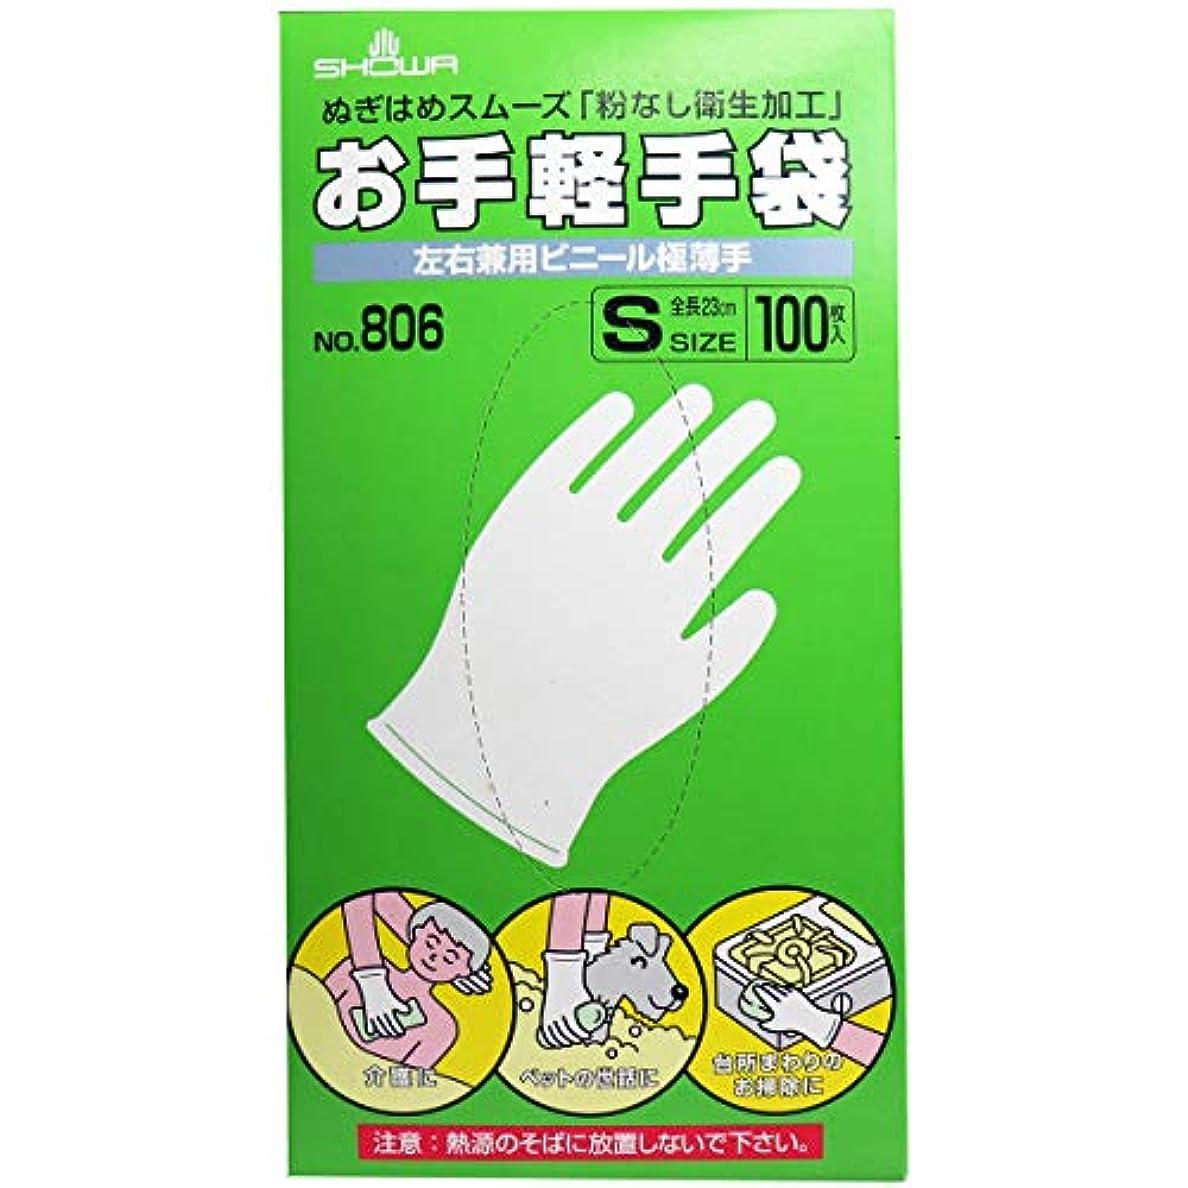 ドライバスキップツインお手軽手袋 No.806 左右兼用ビニール極薄手 粉なし Sサイズ 100枚入×10個セット